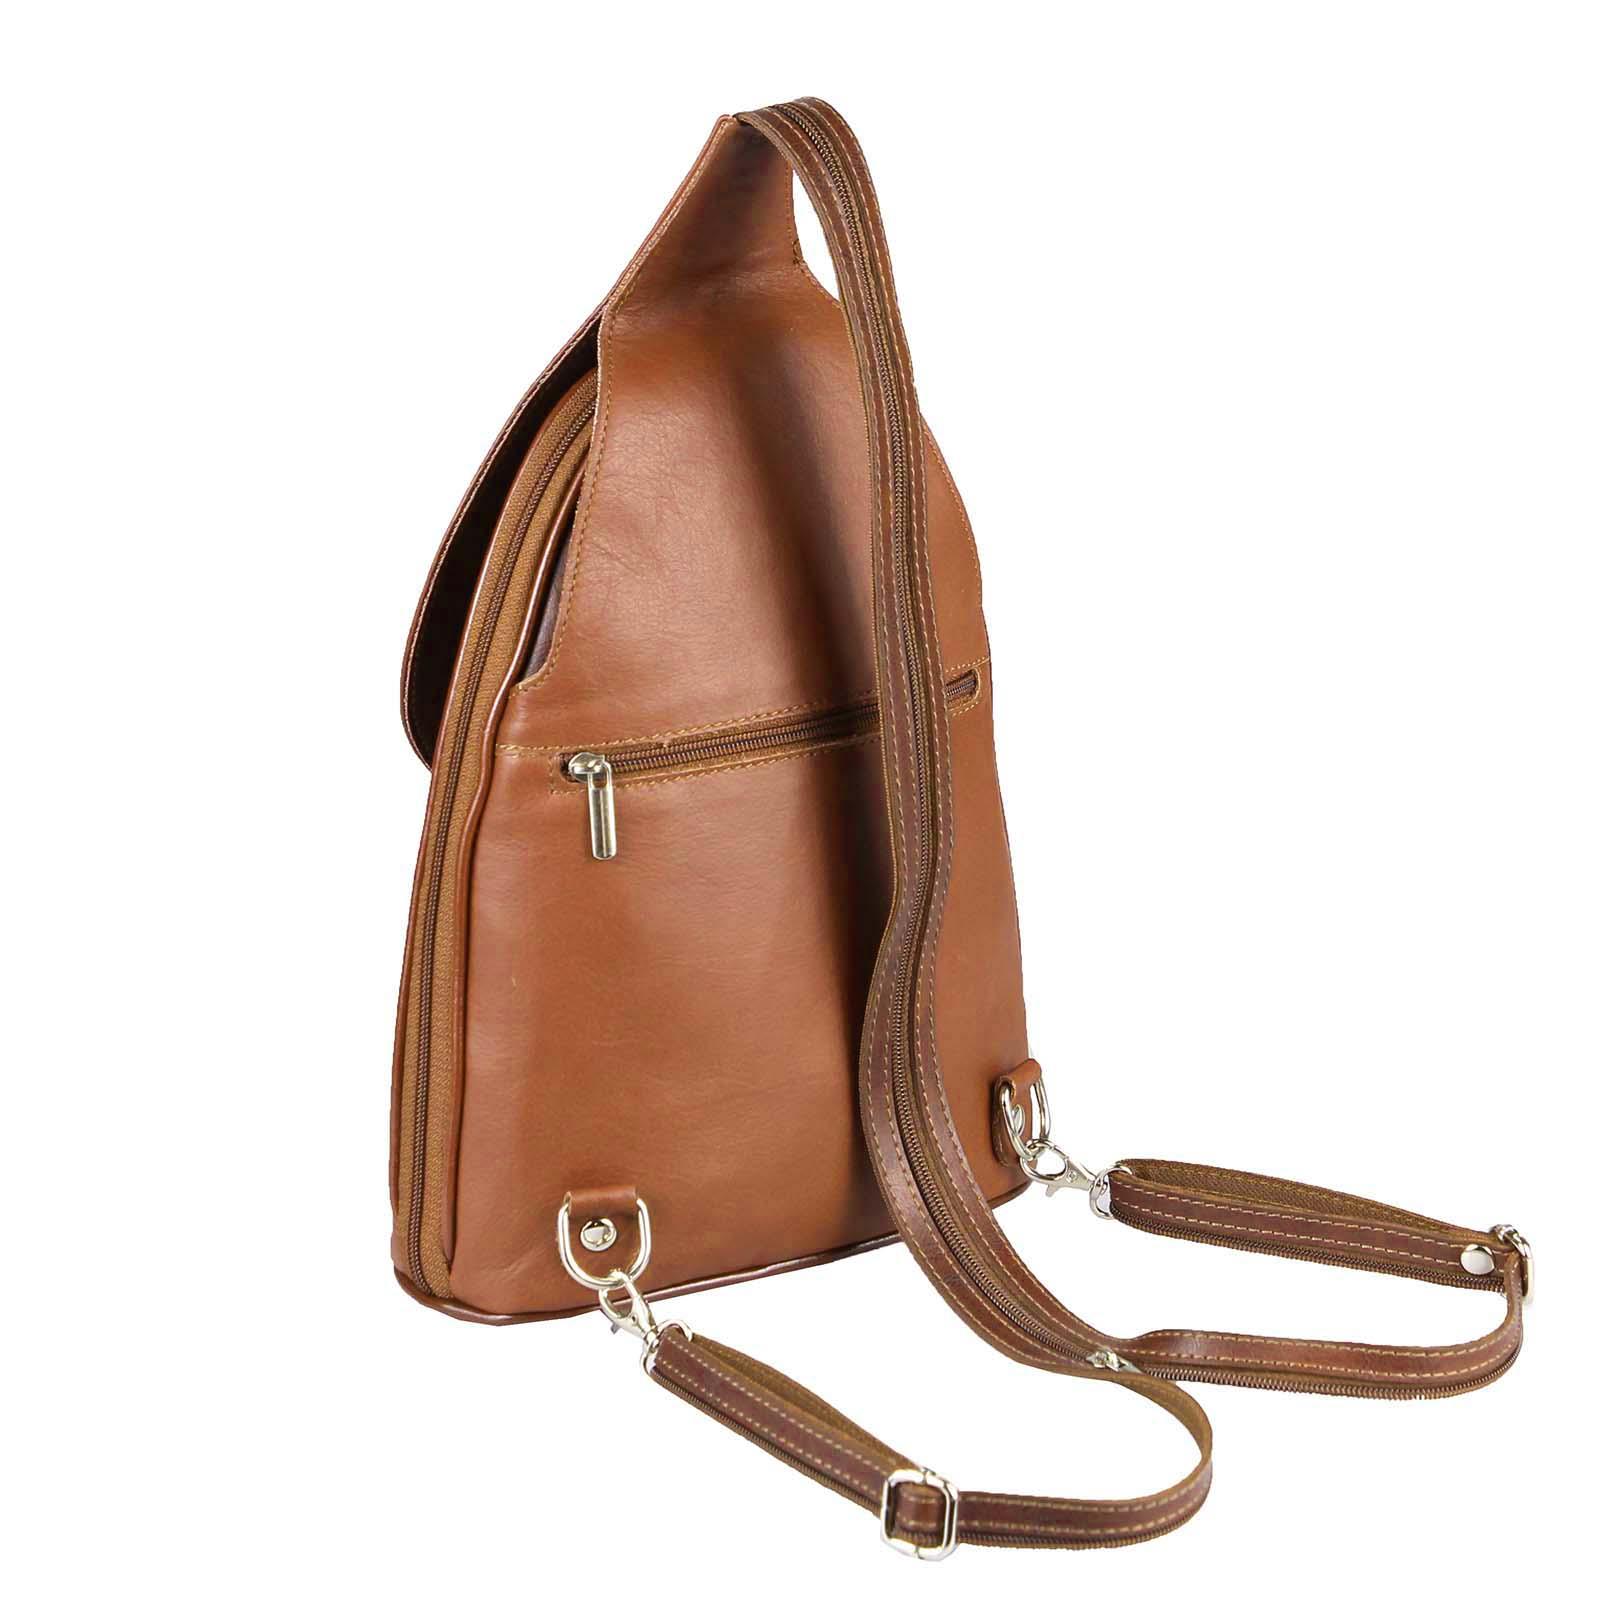 ITALY-DAMEN-LEDER-RUCKSACK-Schulter-Tasche-Reise-BACKPACK-Lederrucksack-it-BAG Indexbild 70